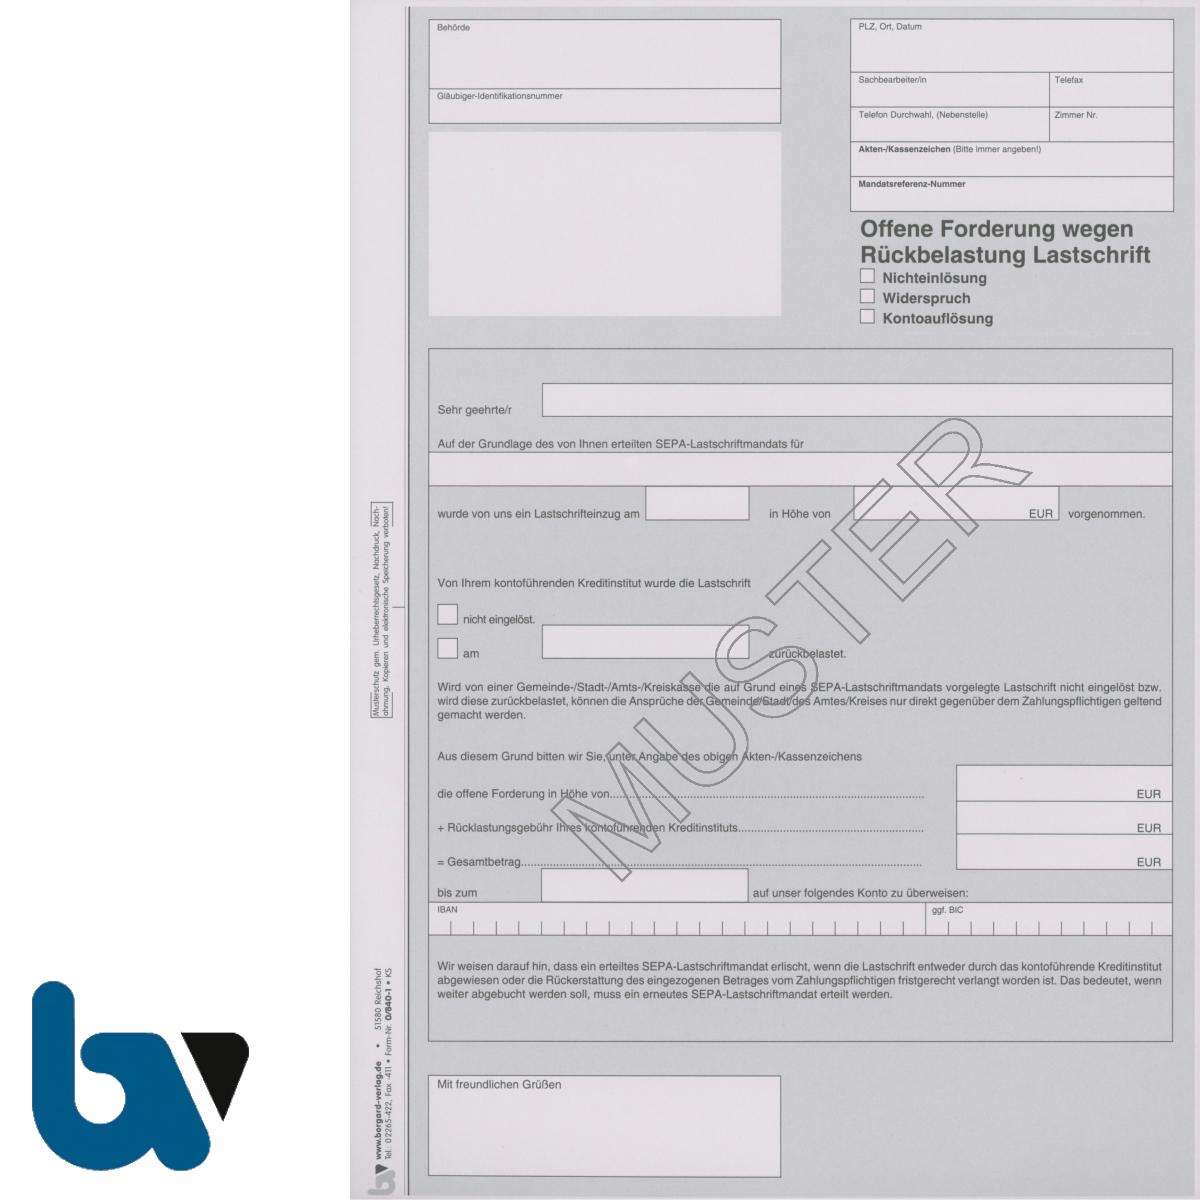 0/840-1 Offene Forderung Rückbelastung Lastschrift Nichteinlösung Widerspruch Kontoauflösung 2-fach selbstdurchschreibend DIN A4 | Borgard Verlag GmbH